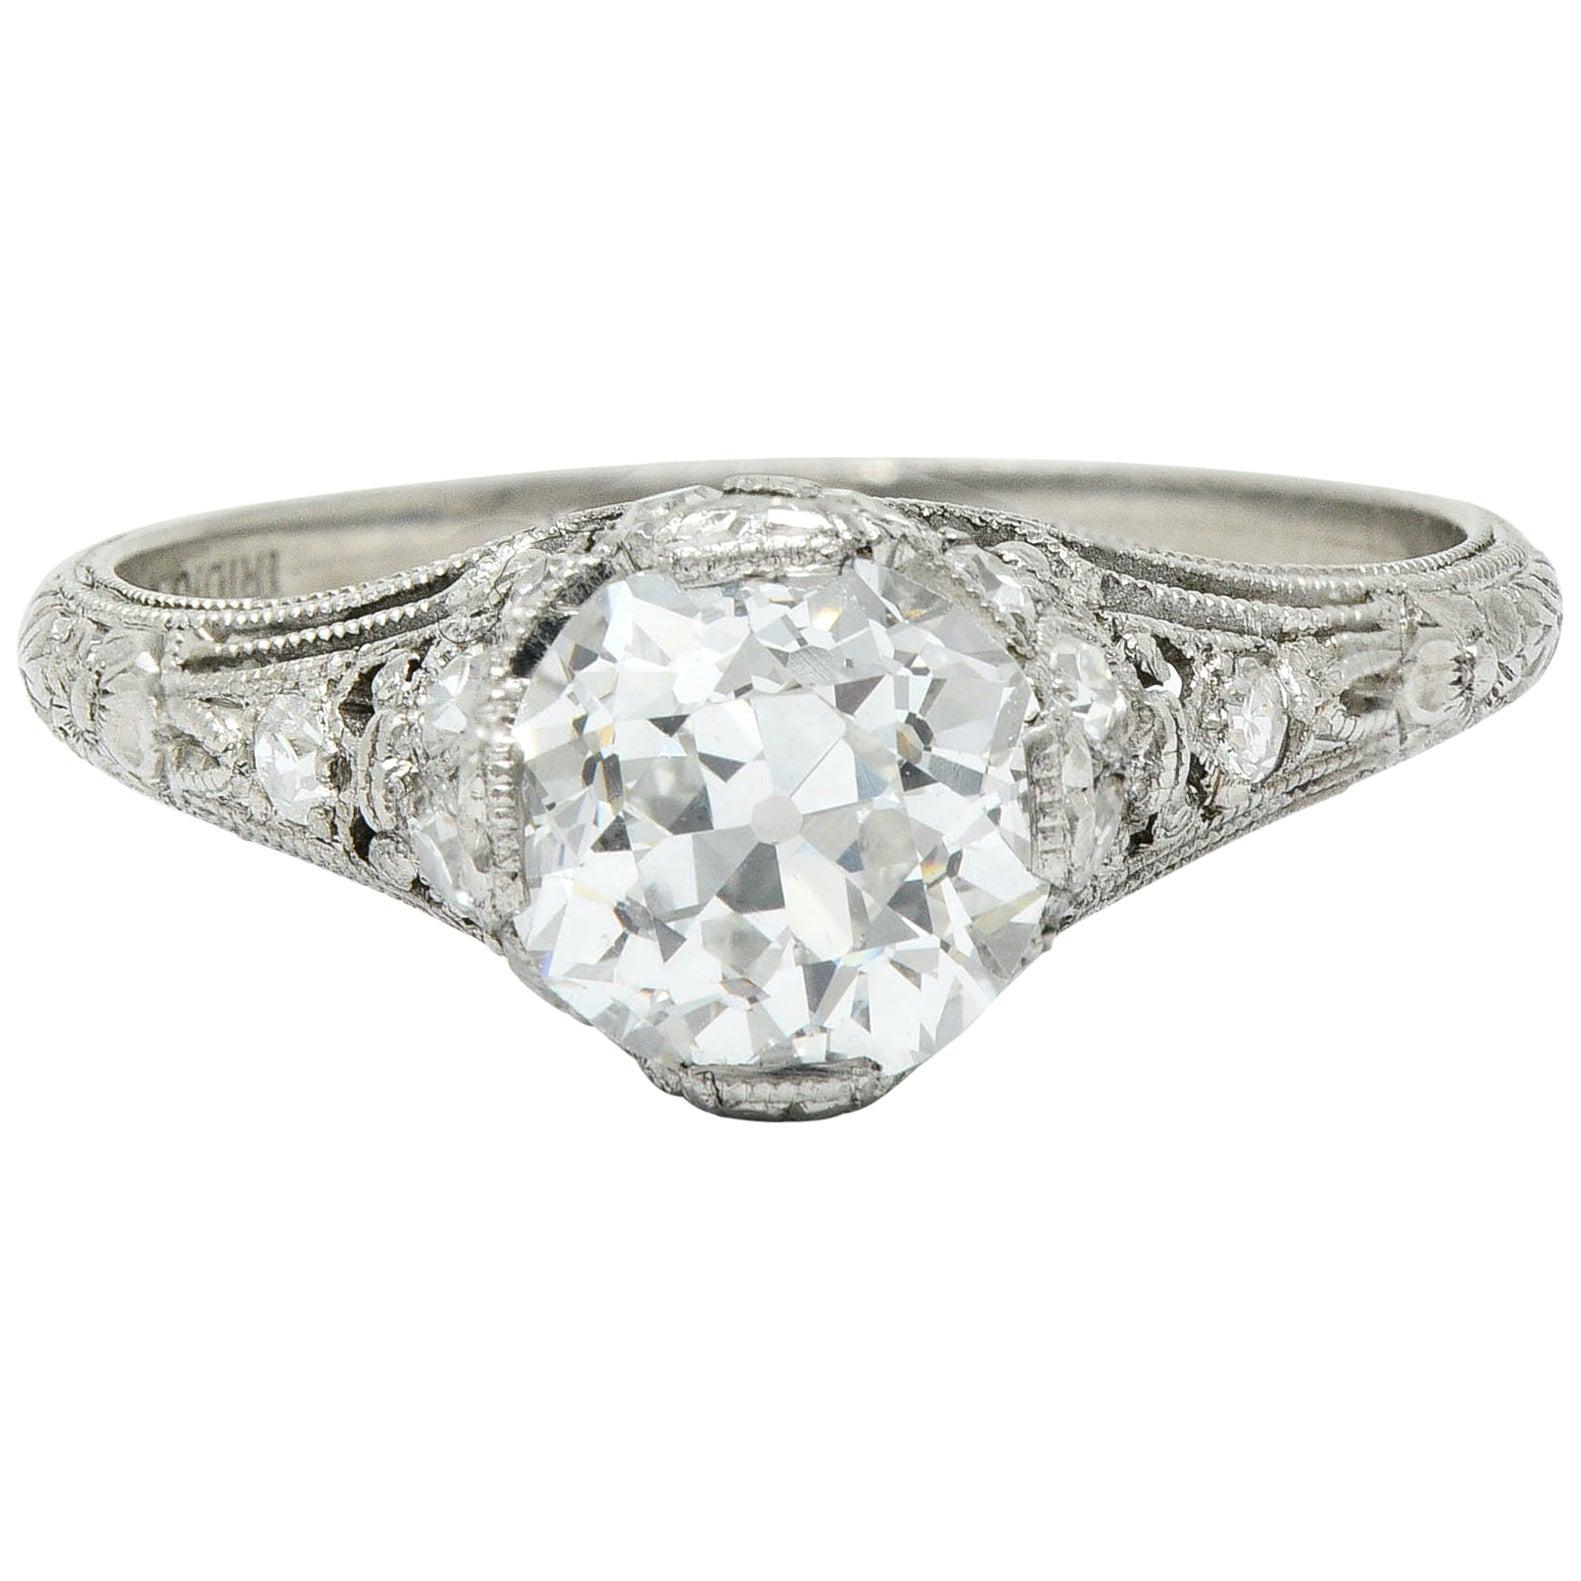 Edwardian 1.36 Carat Diamond Platinum Engagement Ring GIA